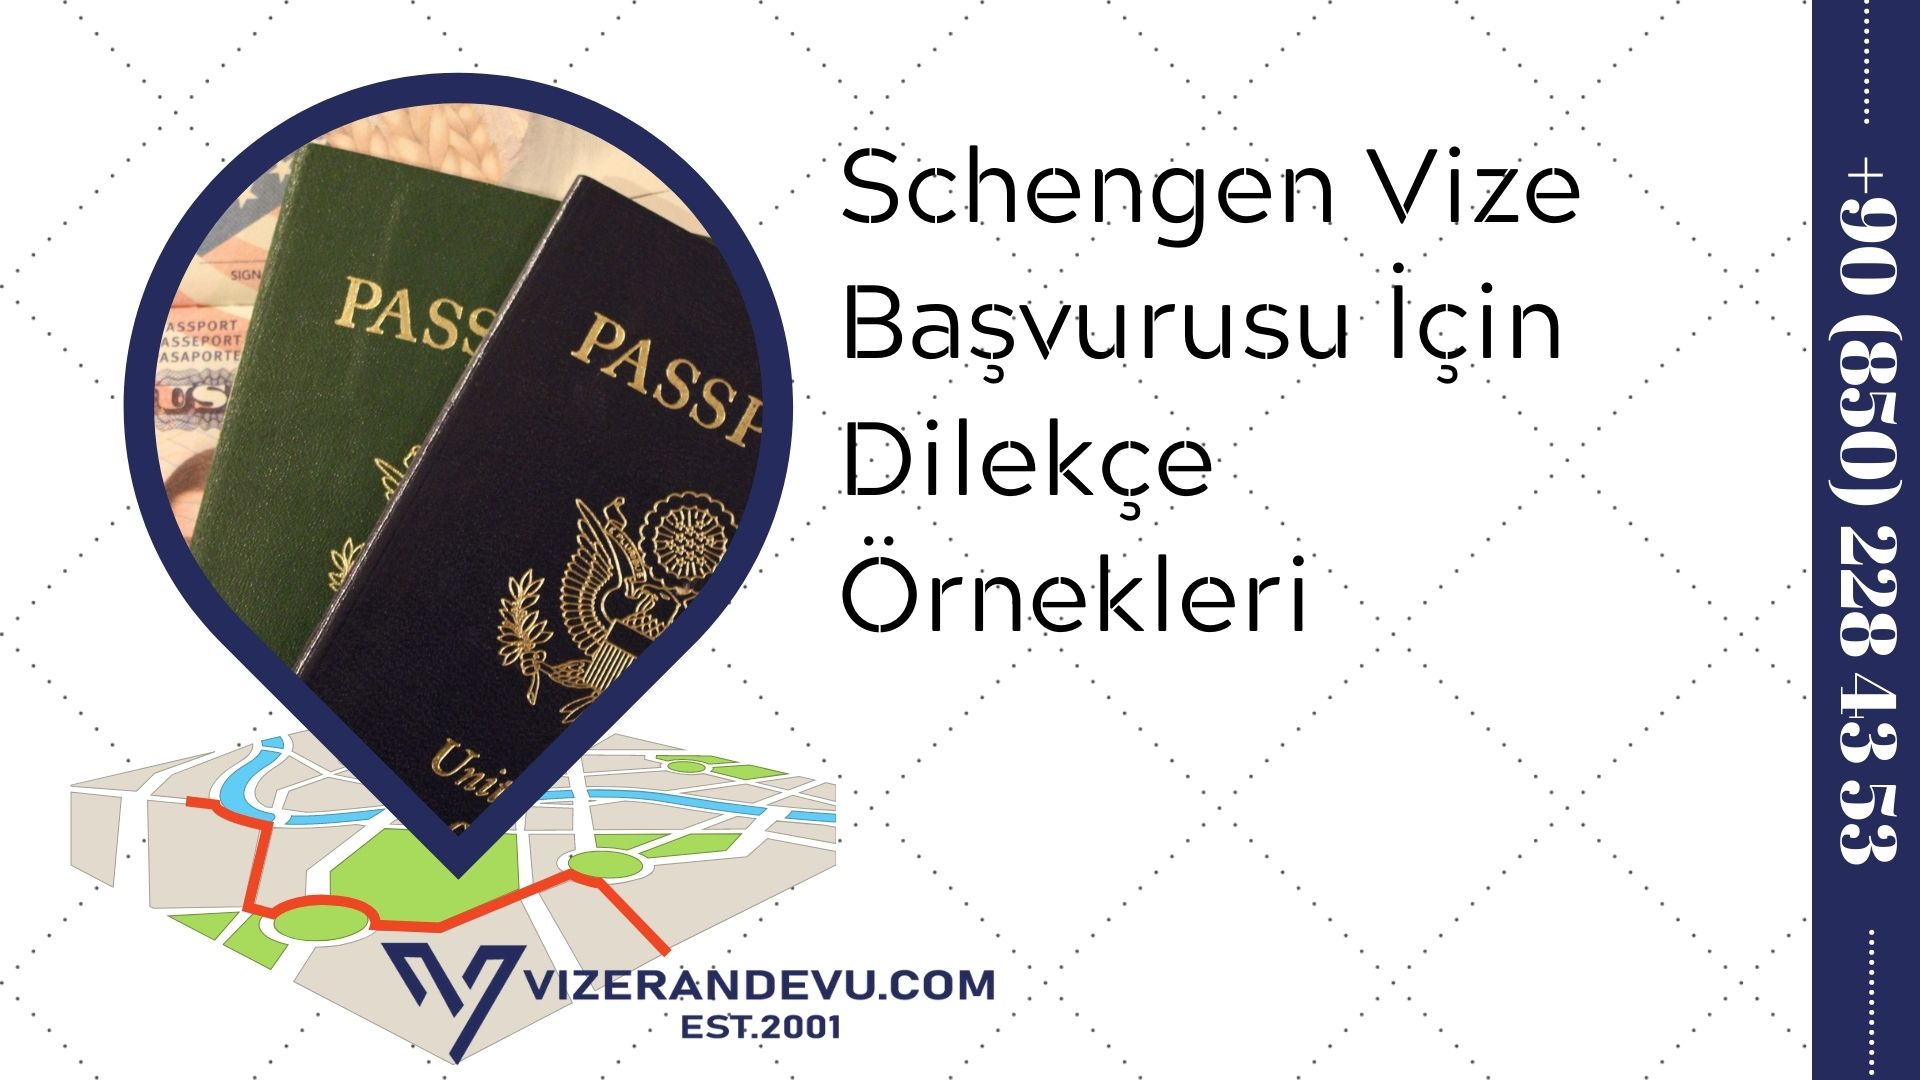 Schengen Vize Başvurusu İçin Dilekçe Örnekleri